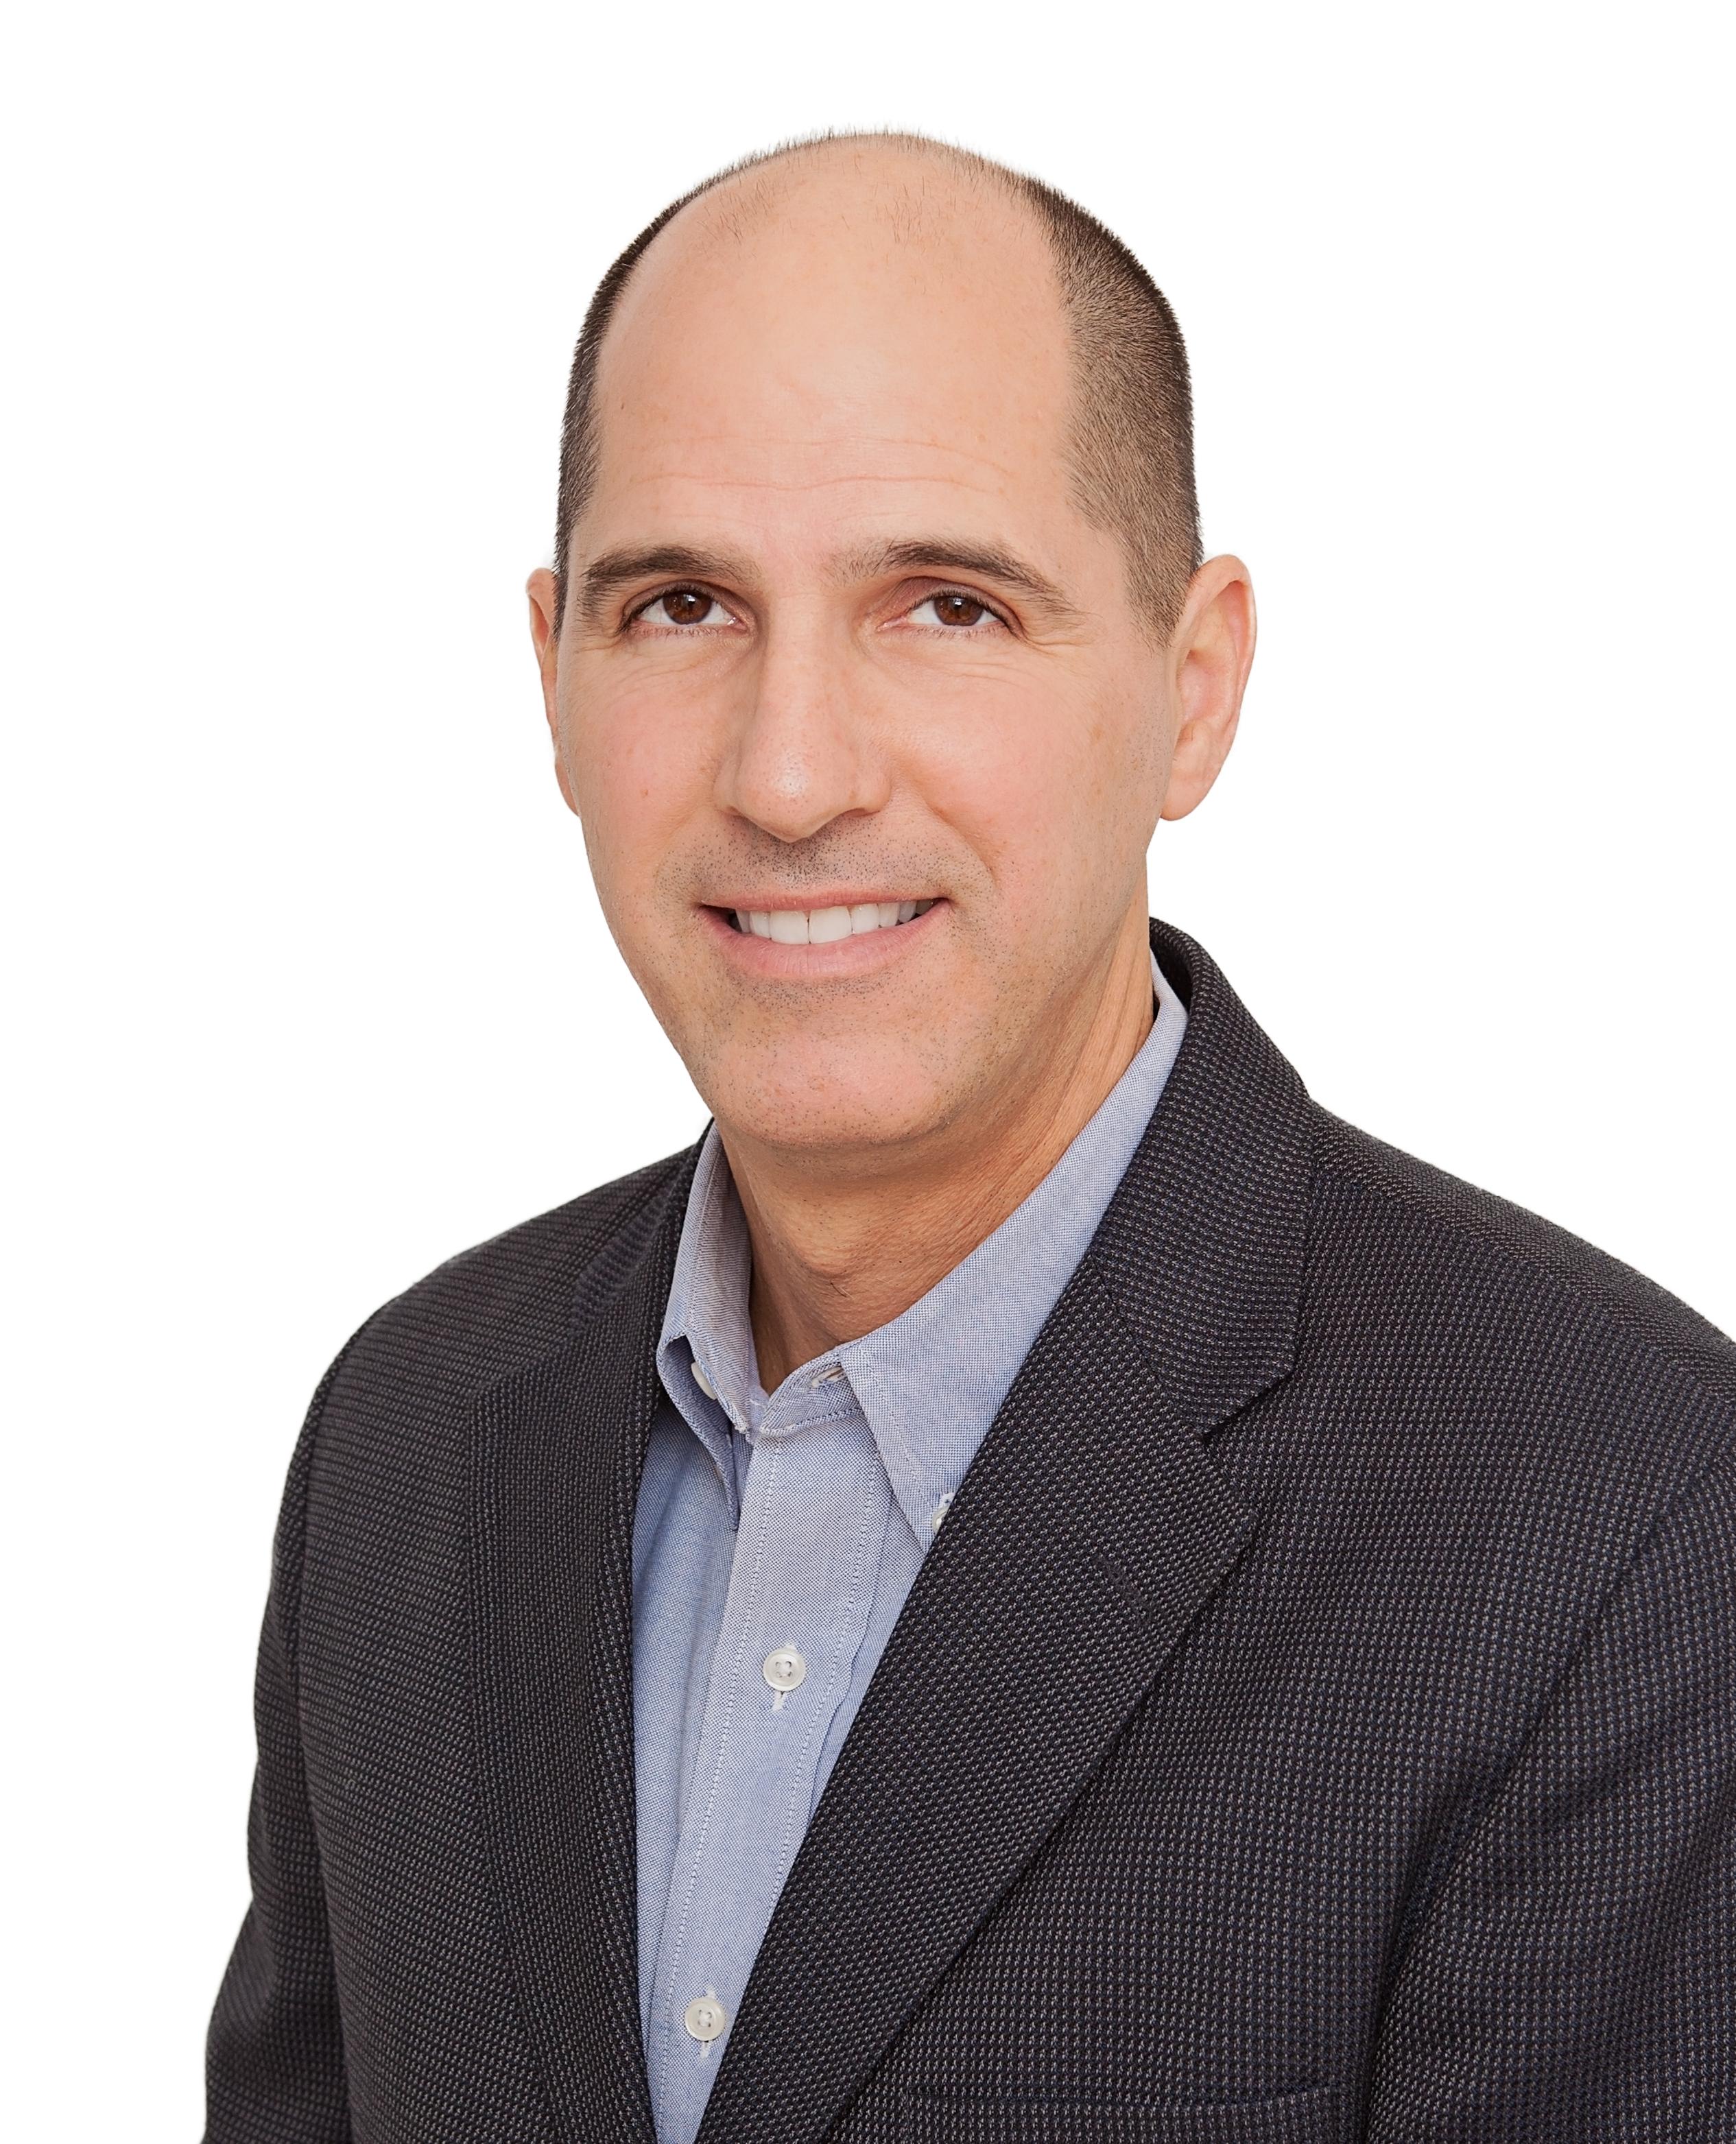 Mark Ventrelli